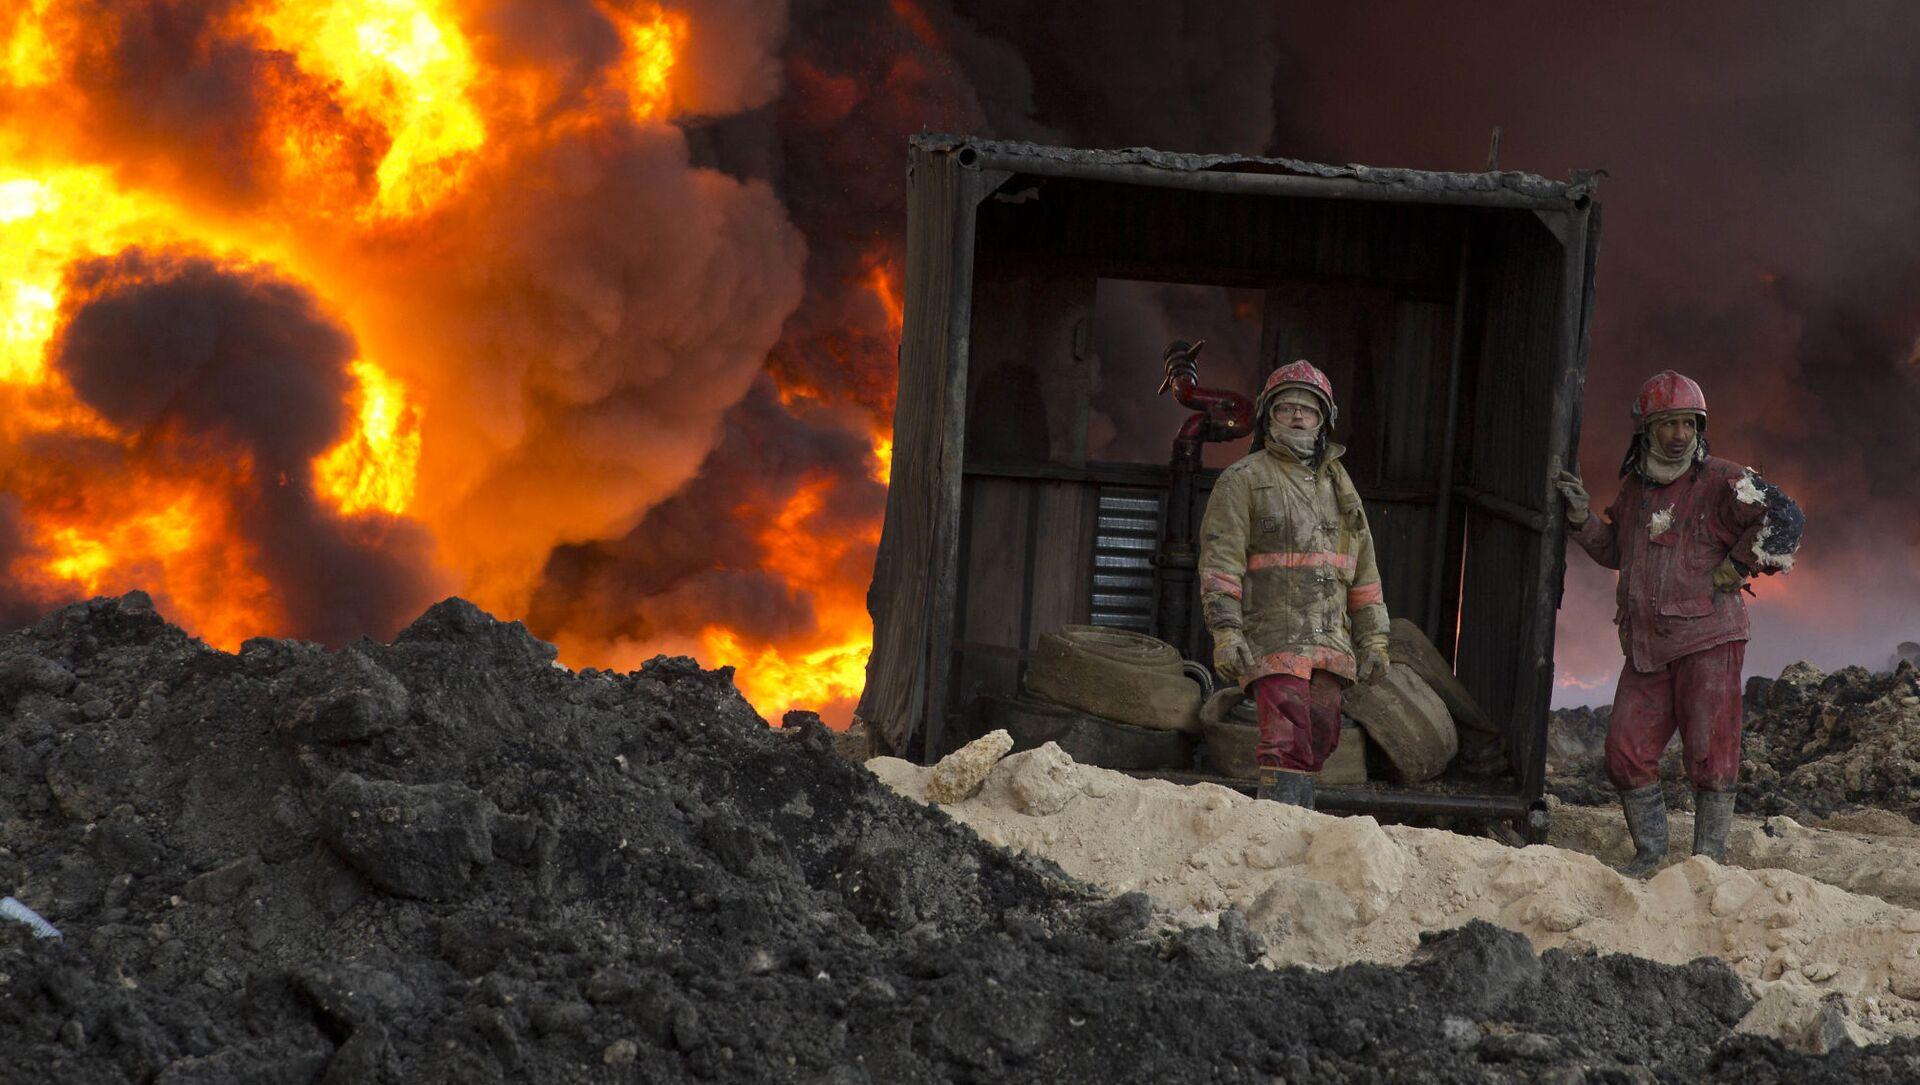 Strażacy gaszą płonącą ropę. Mosul - Sputnik Polska, 1920, 05.05.2021